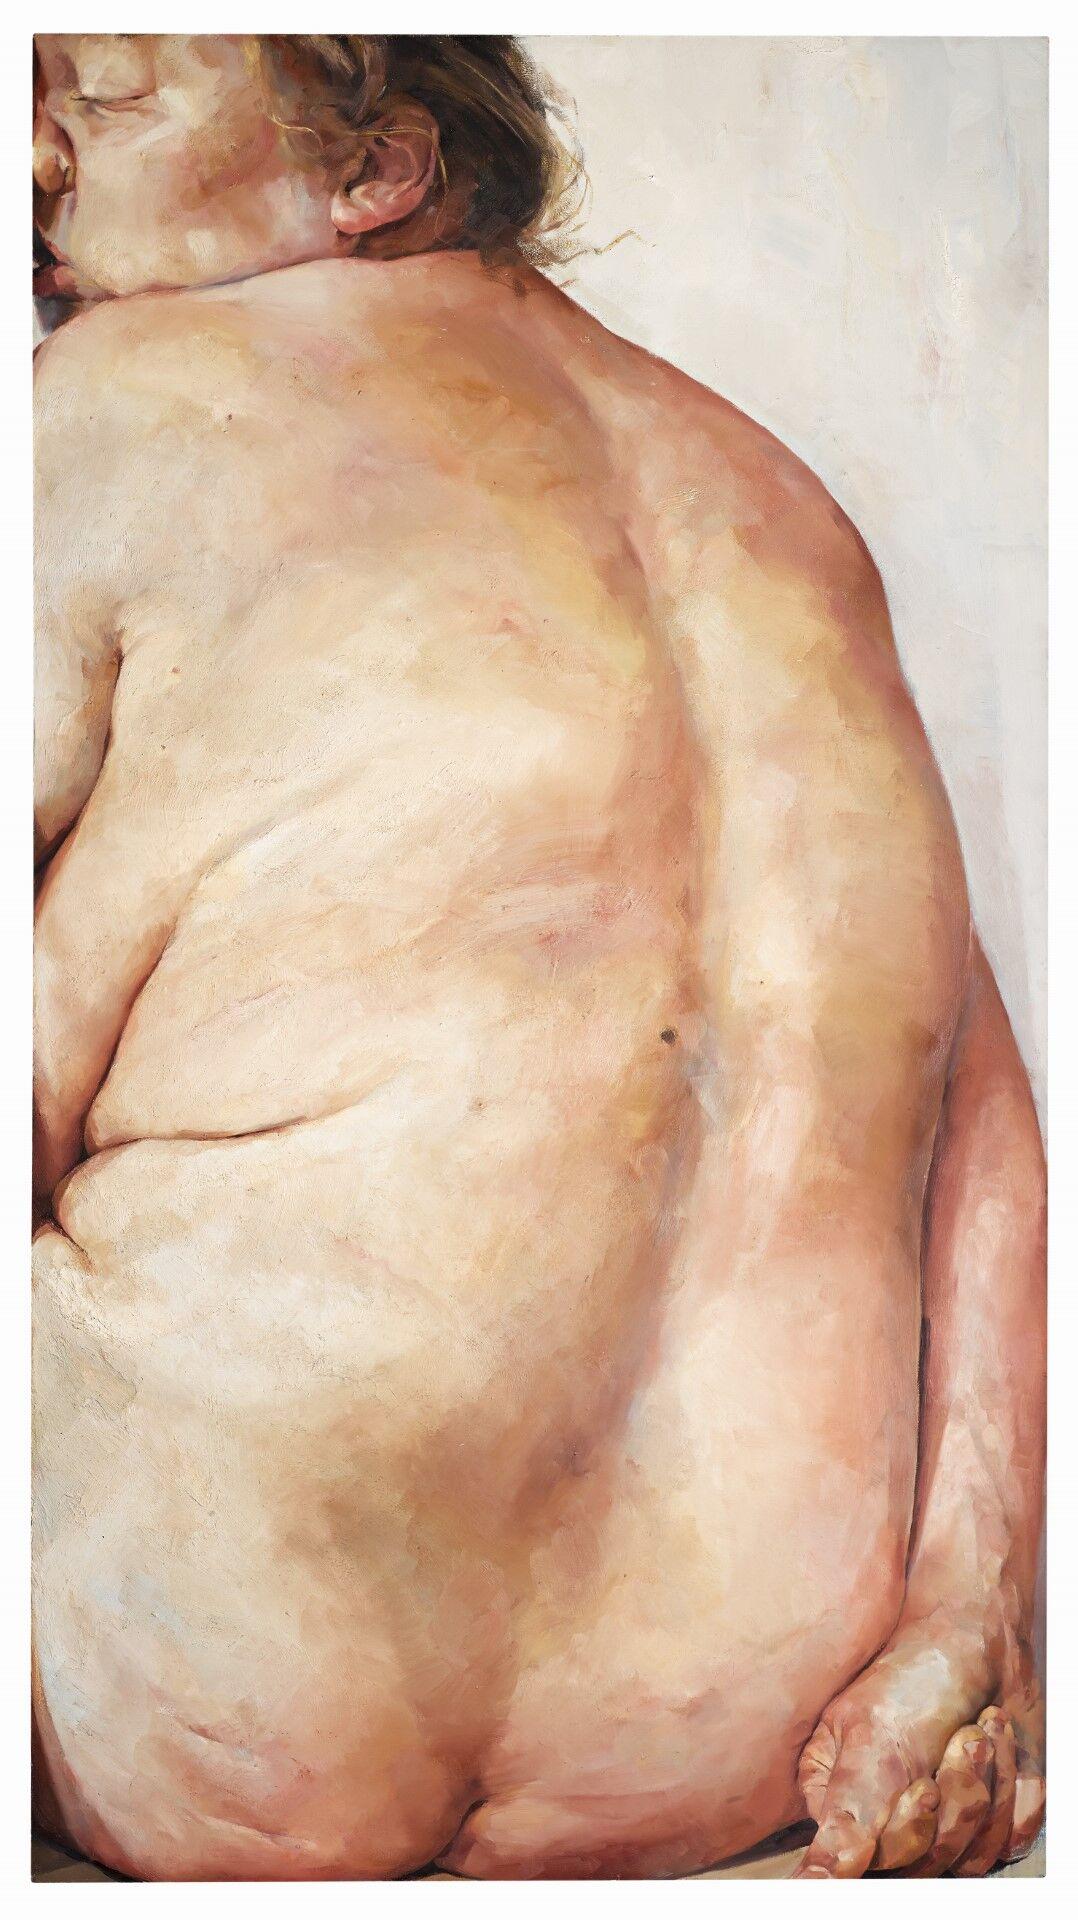 Lot 1 Jenny Saville, Untitled, 1990, est. £100,000-150,000. Cover: Lot 1 Jenny Saville, Untitled, 1990, est. £100,000-150,000.